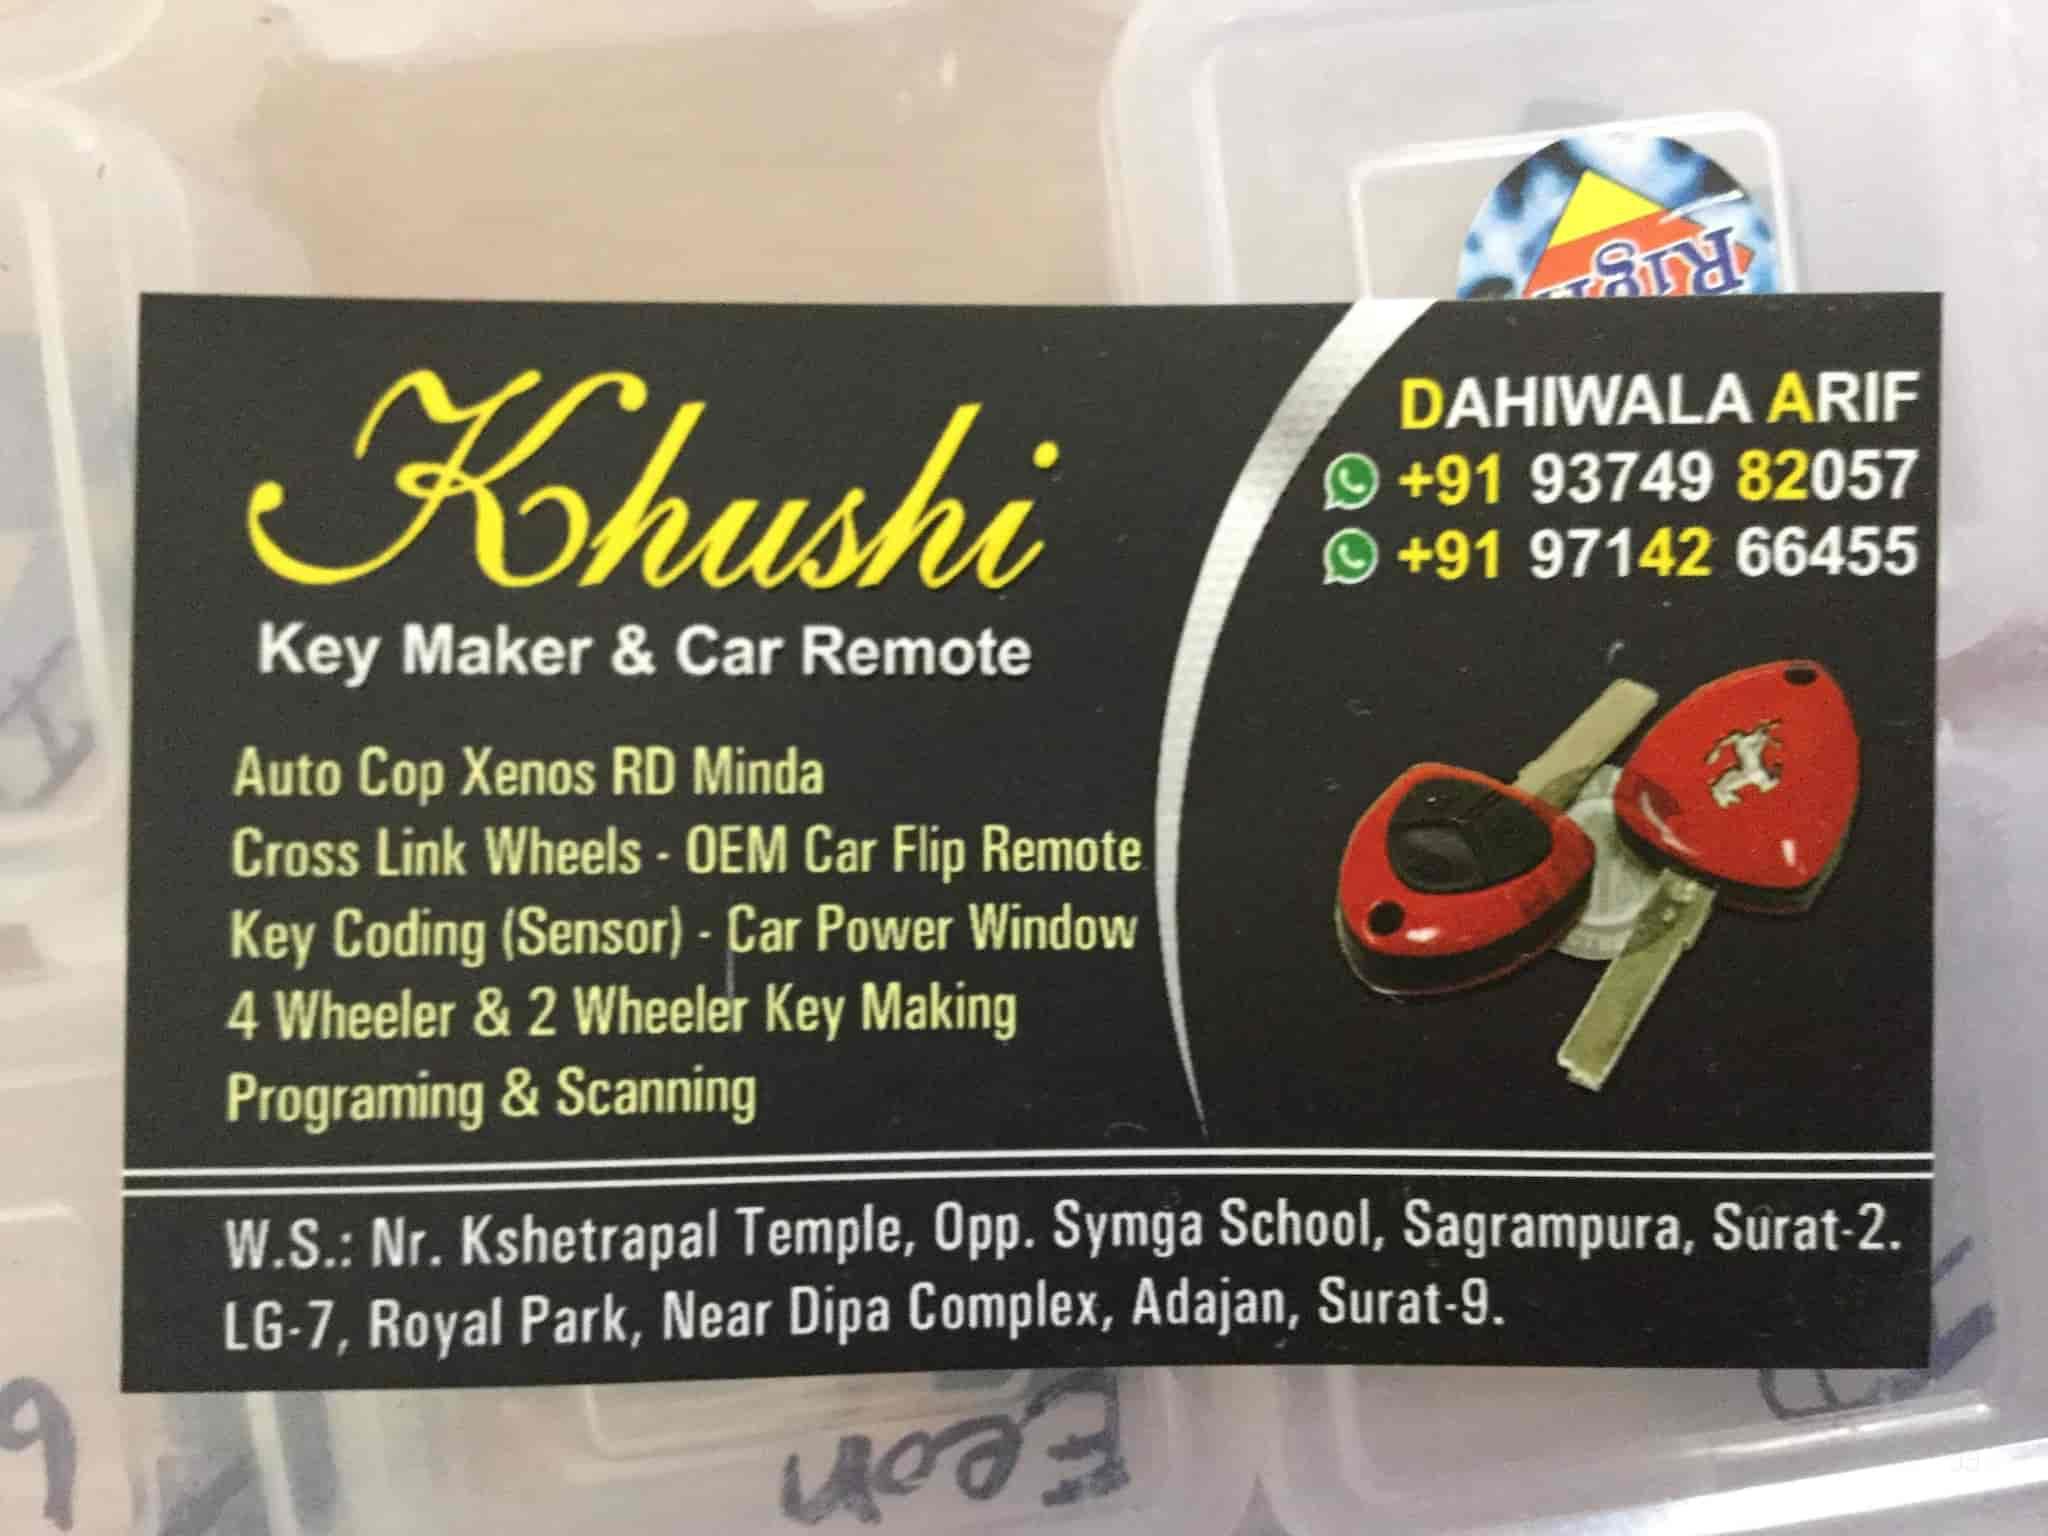 Khushi Car Remote and Key Makers, Adajan Dn - Duplicate Key